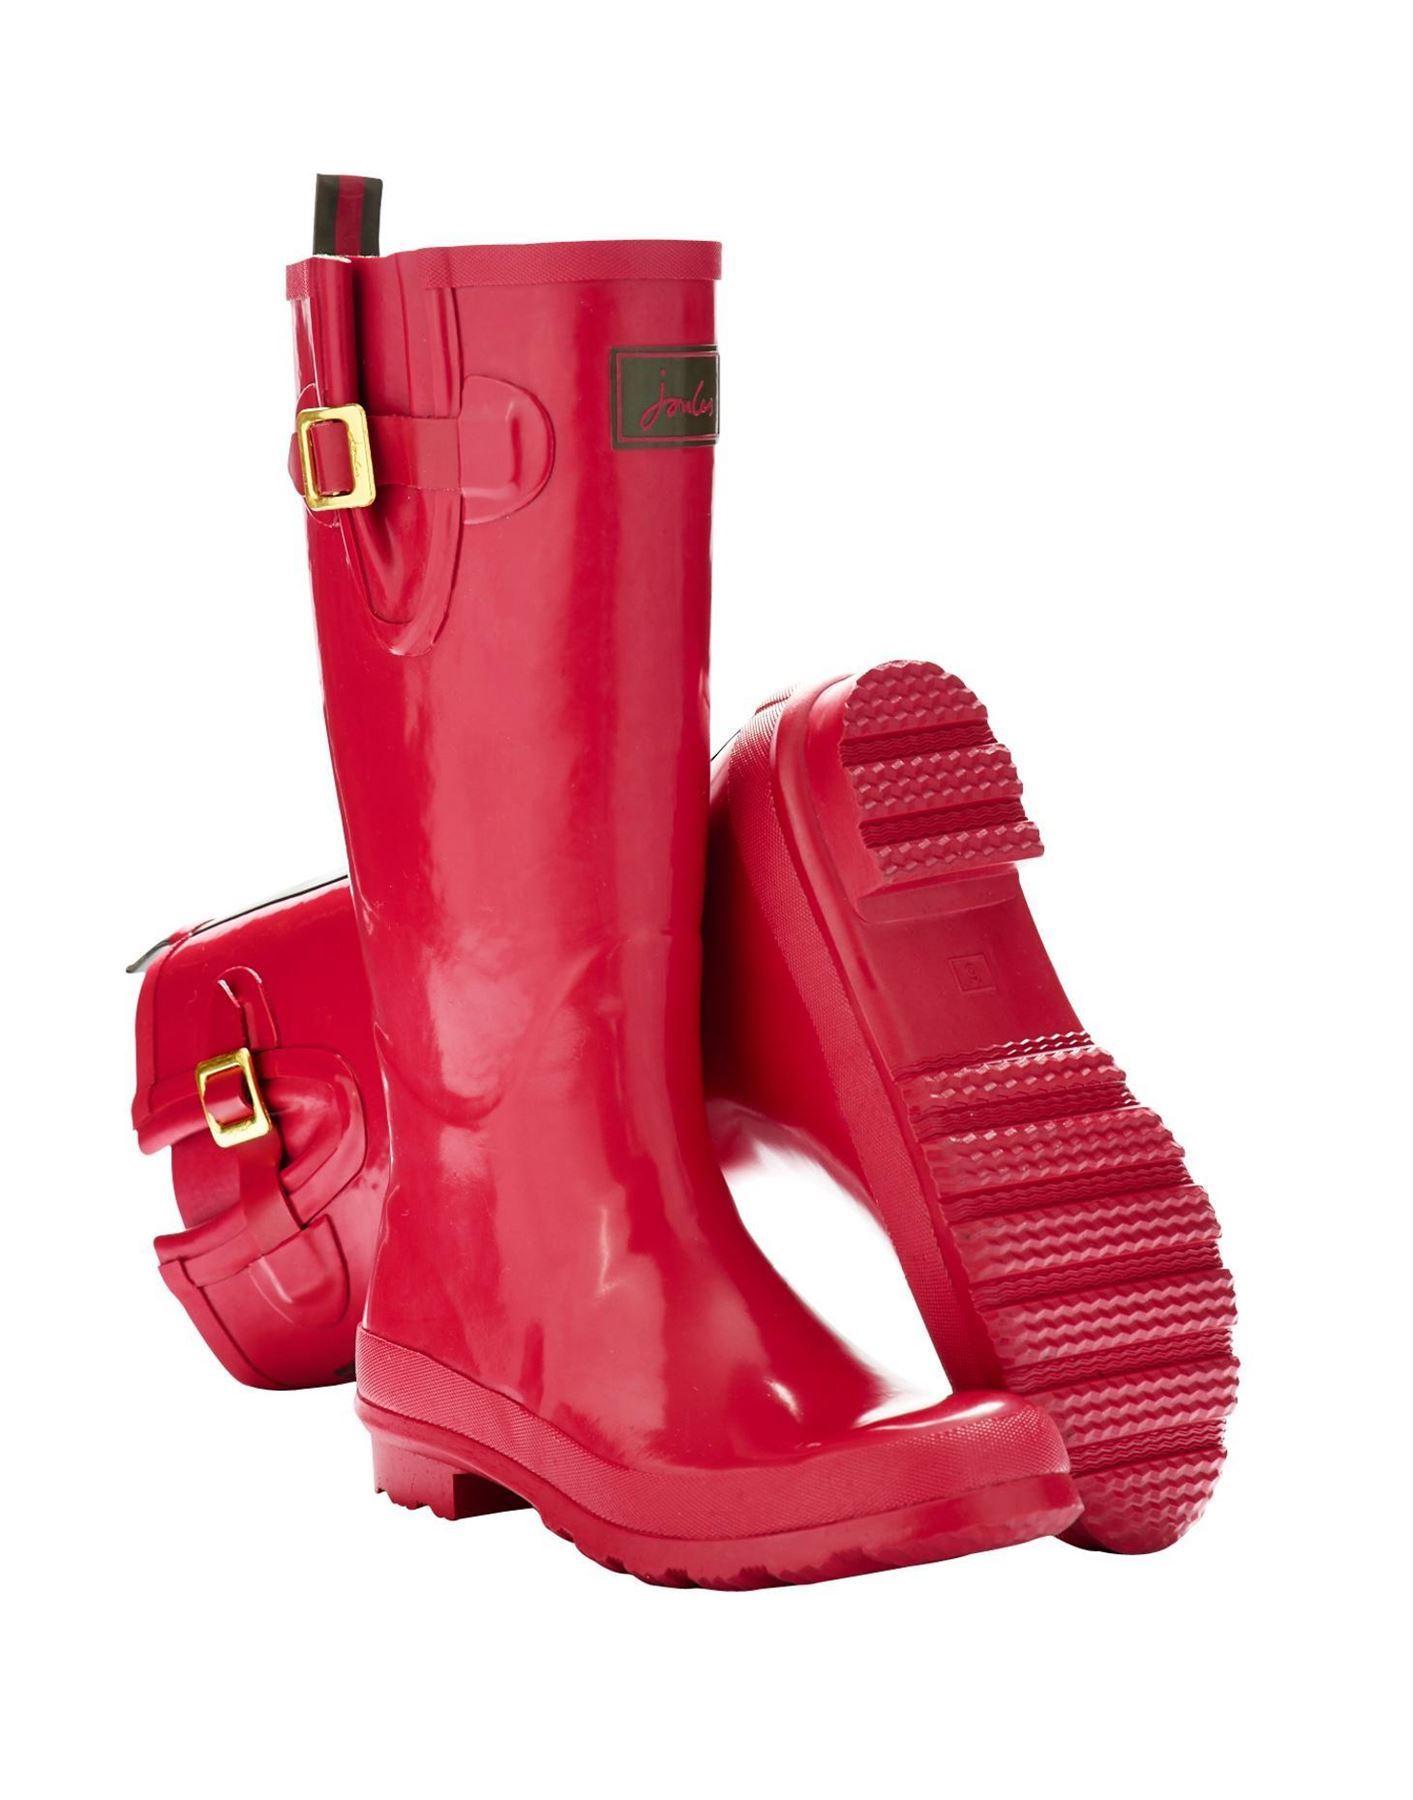 Joules Field New Womens Waterproof Fashion Rain Festival ...